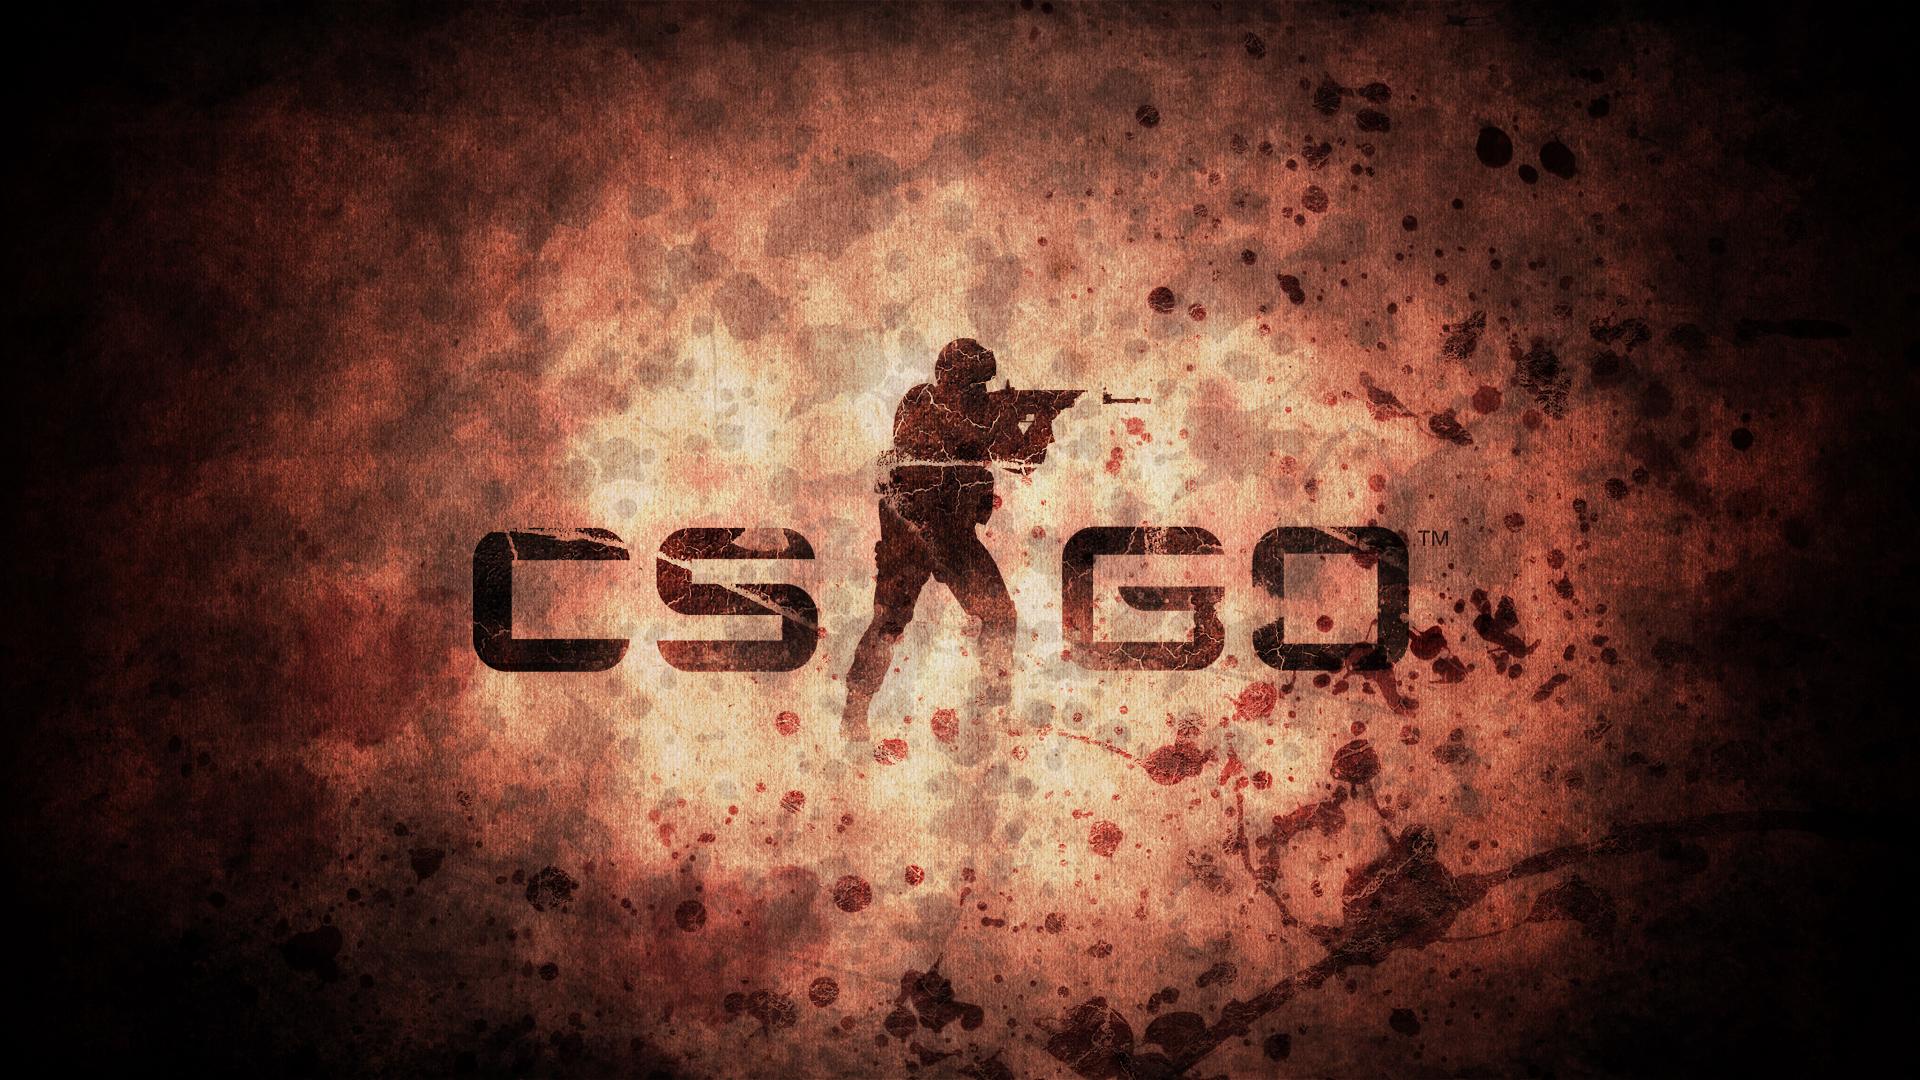 counter strike   global offensive wallpaper by lenkrad d5us86rjpg 1920x1080